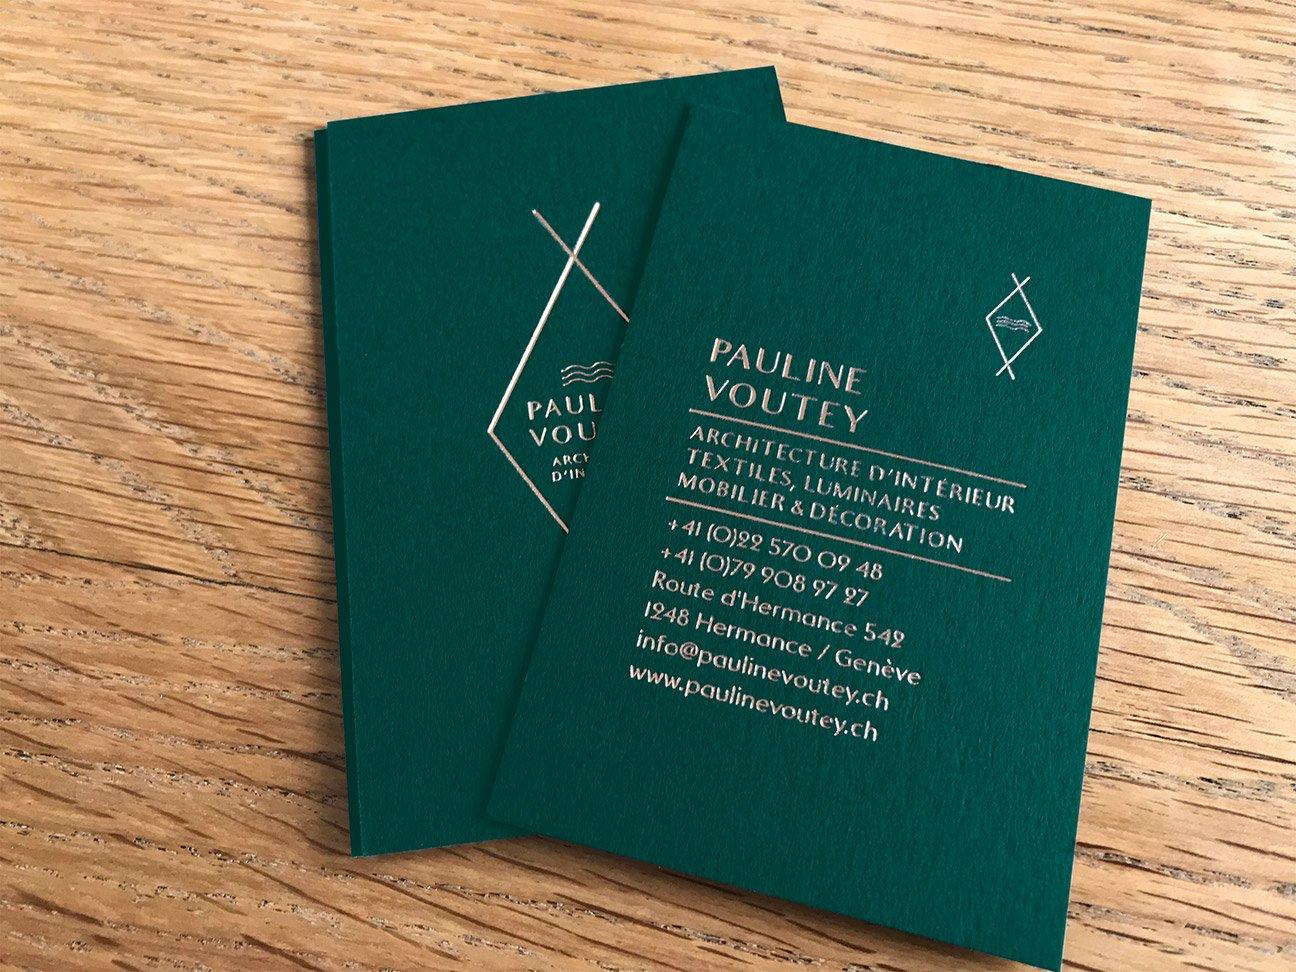 fabiencuffel_agence_communication_photographie_edition_graphisme_geneve_Paris_Pauline-Voutey-interieur_identite-visuelle